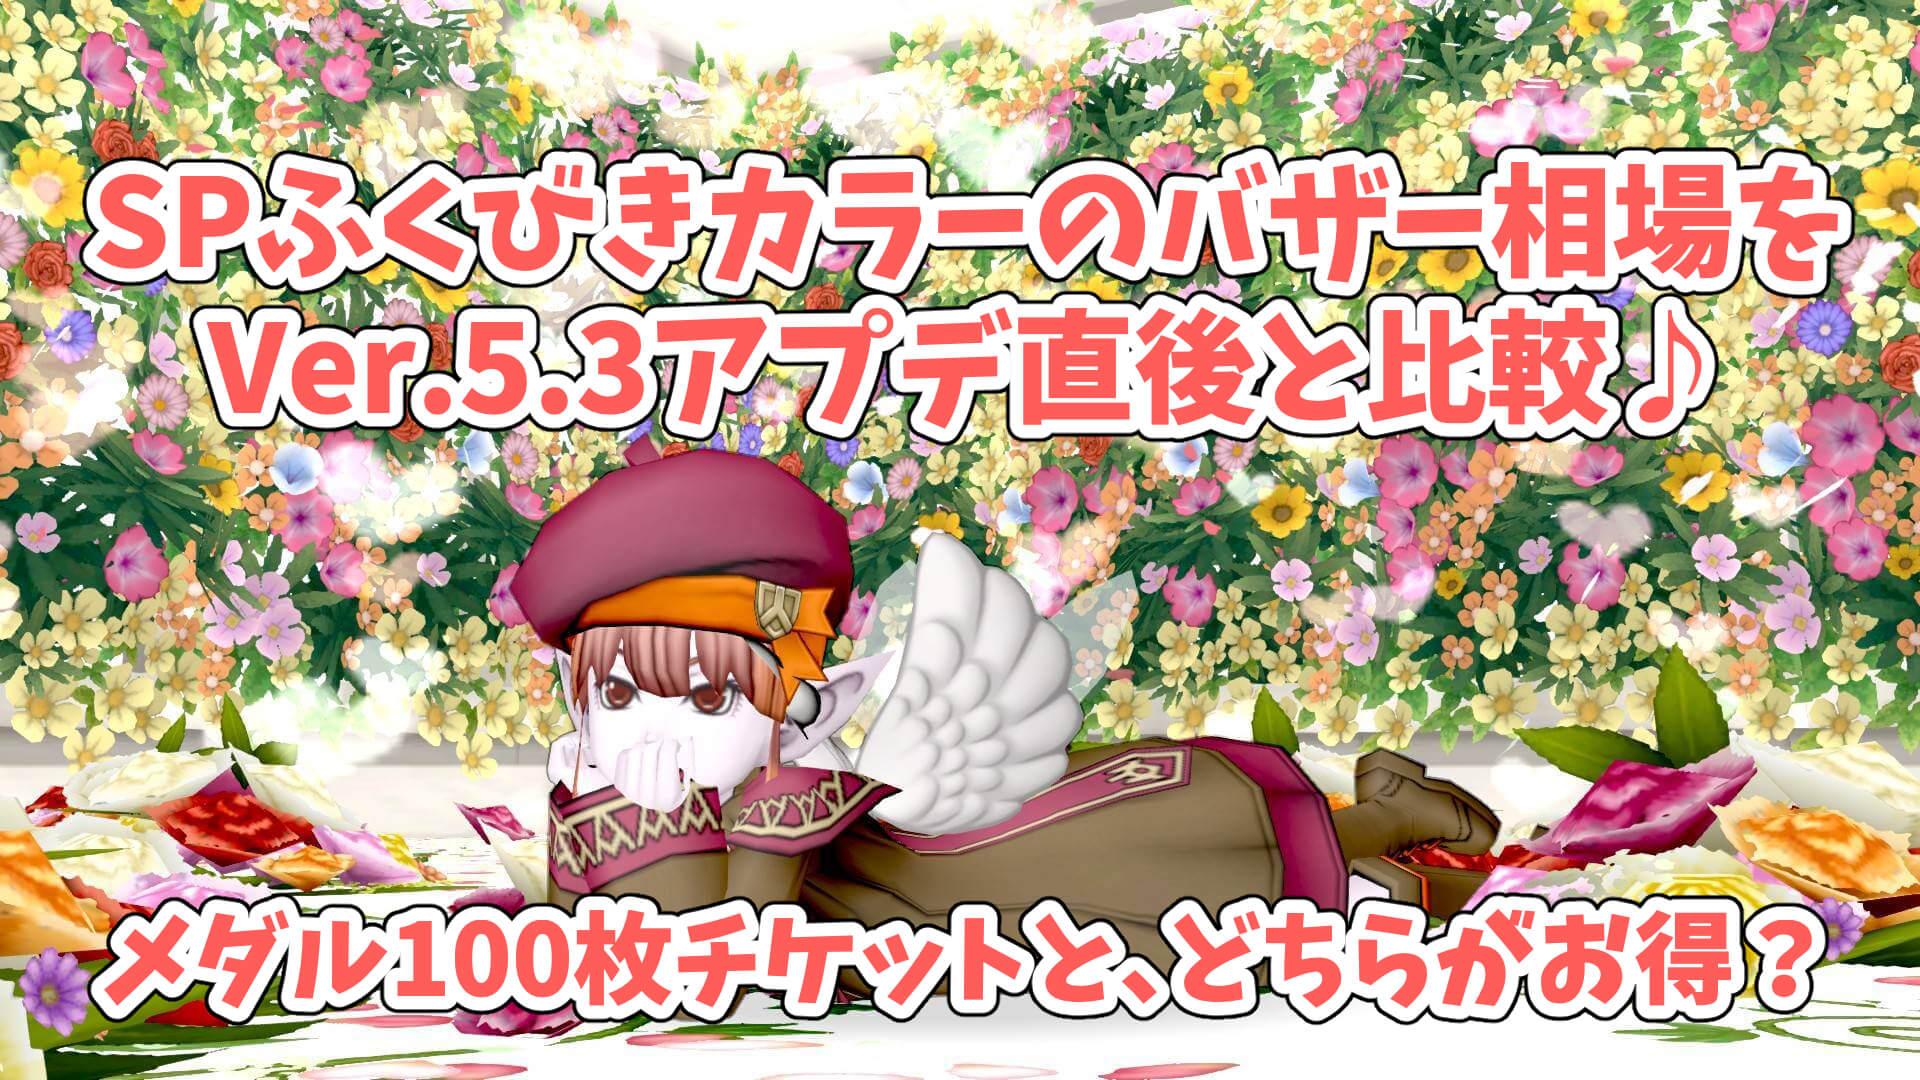 券 スペシャル 装備 ドラクエ 10